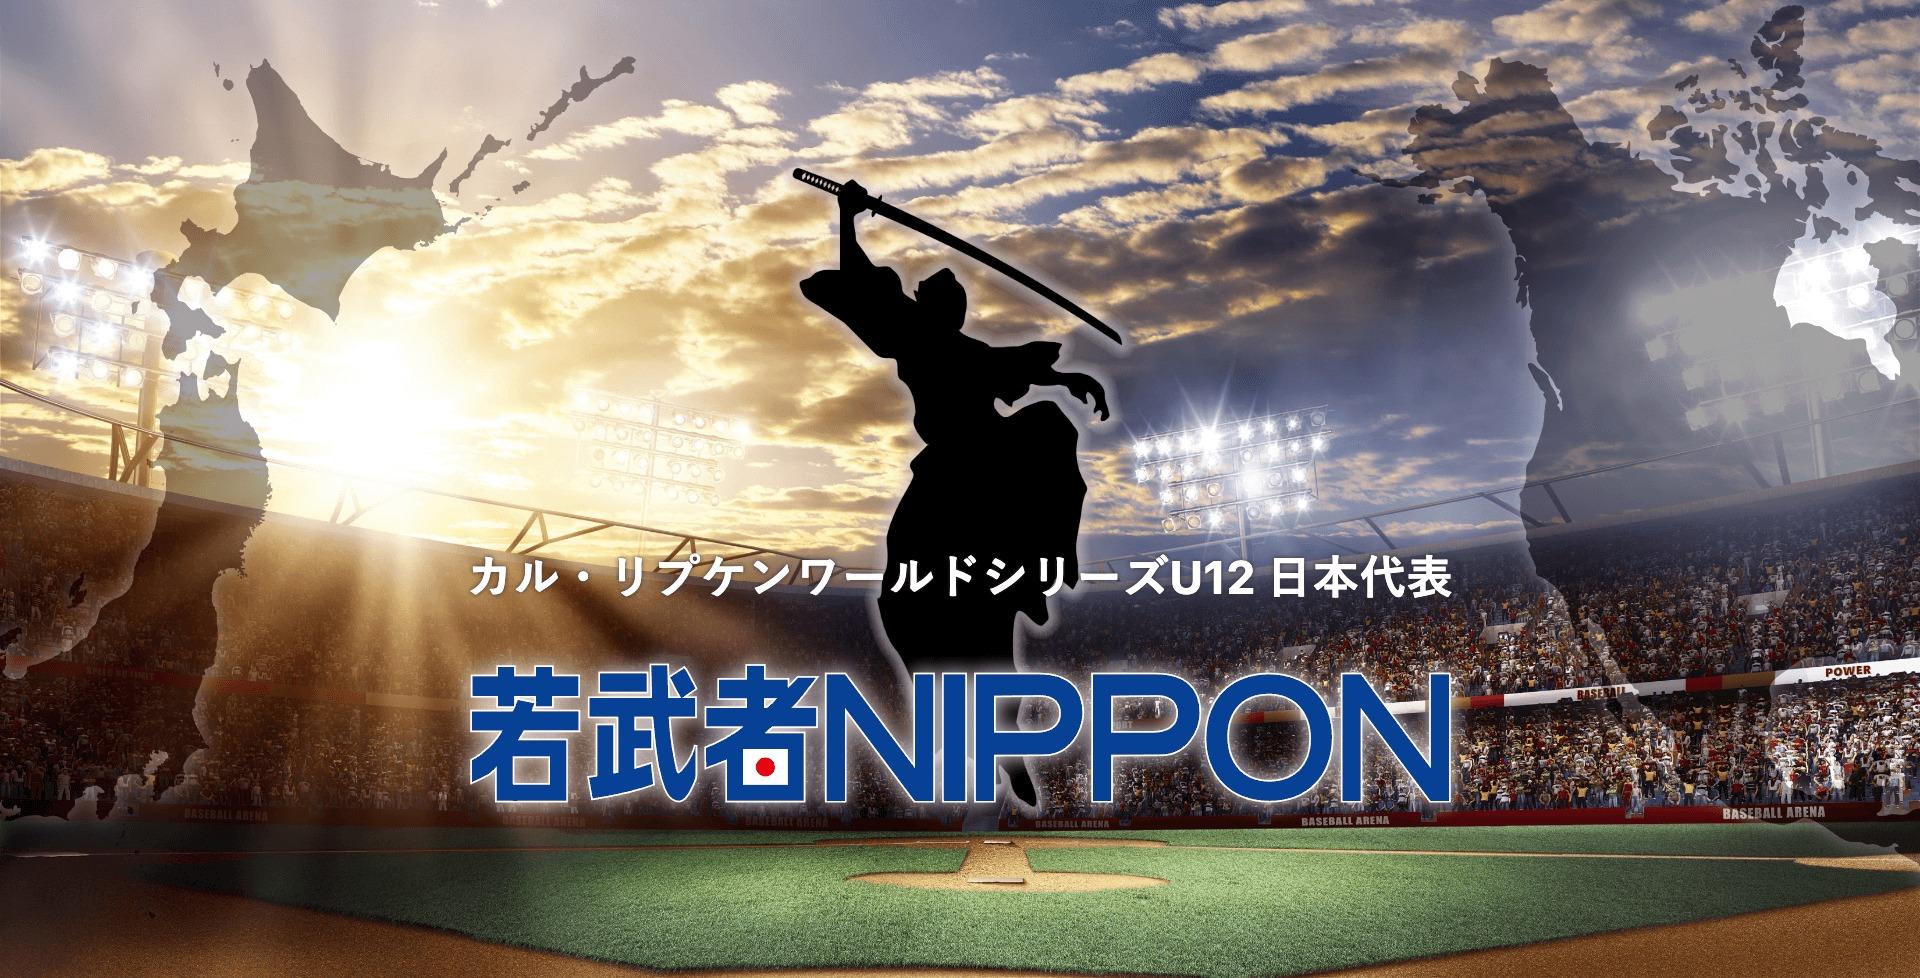 日本代表チーム「若武者NIPPON」の公式広報メディアに決定しました